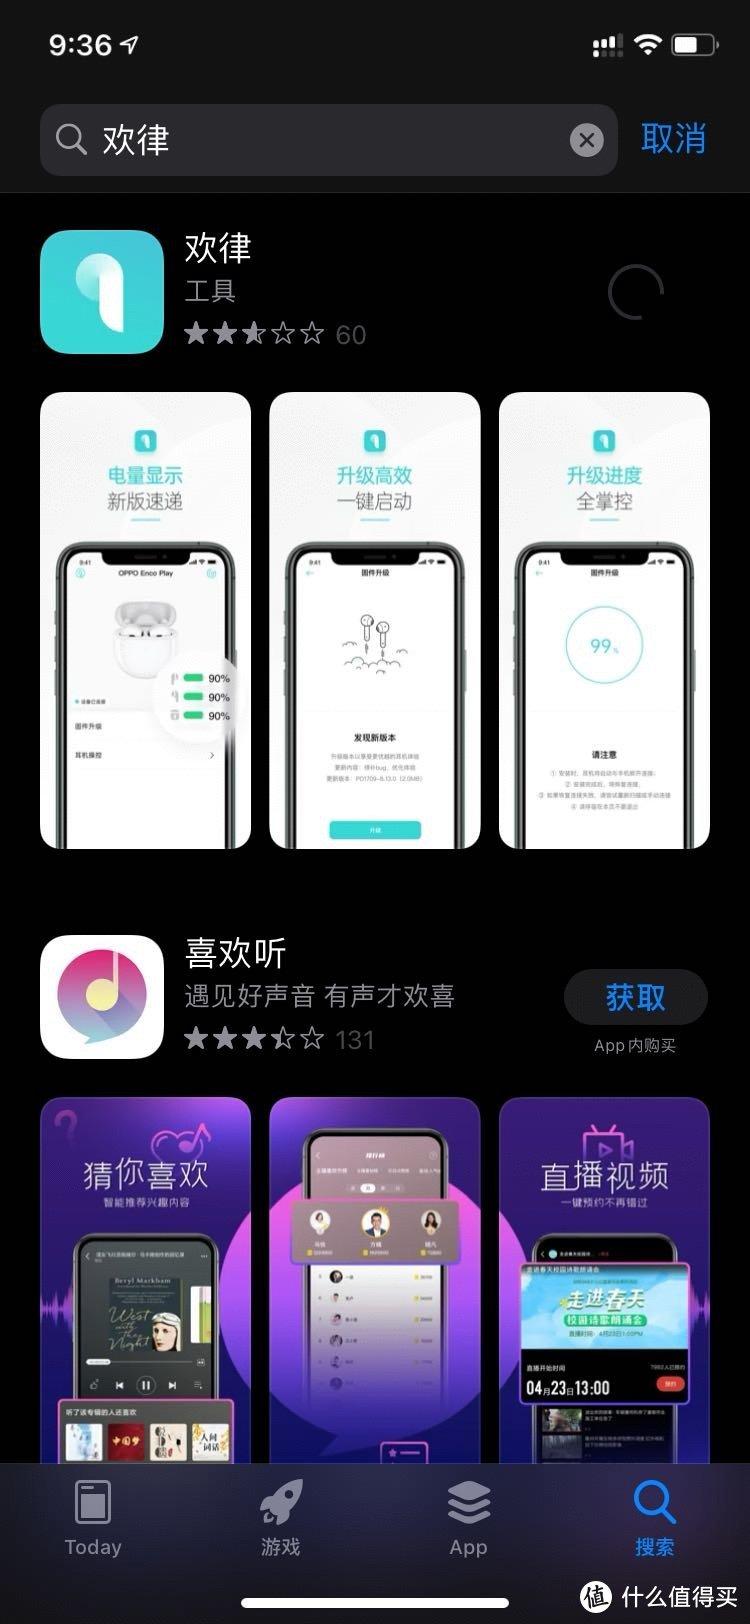 配套app ,对于苹果用户 没用,没必要安装